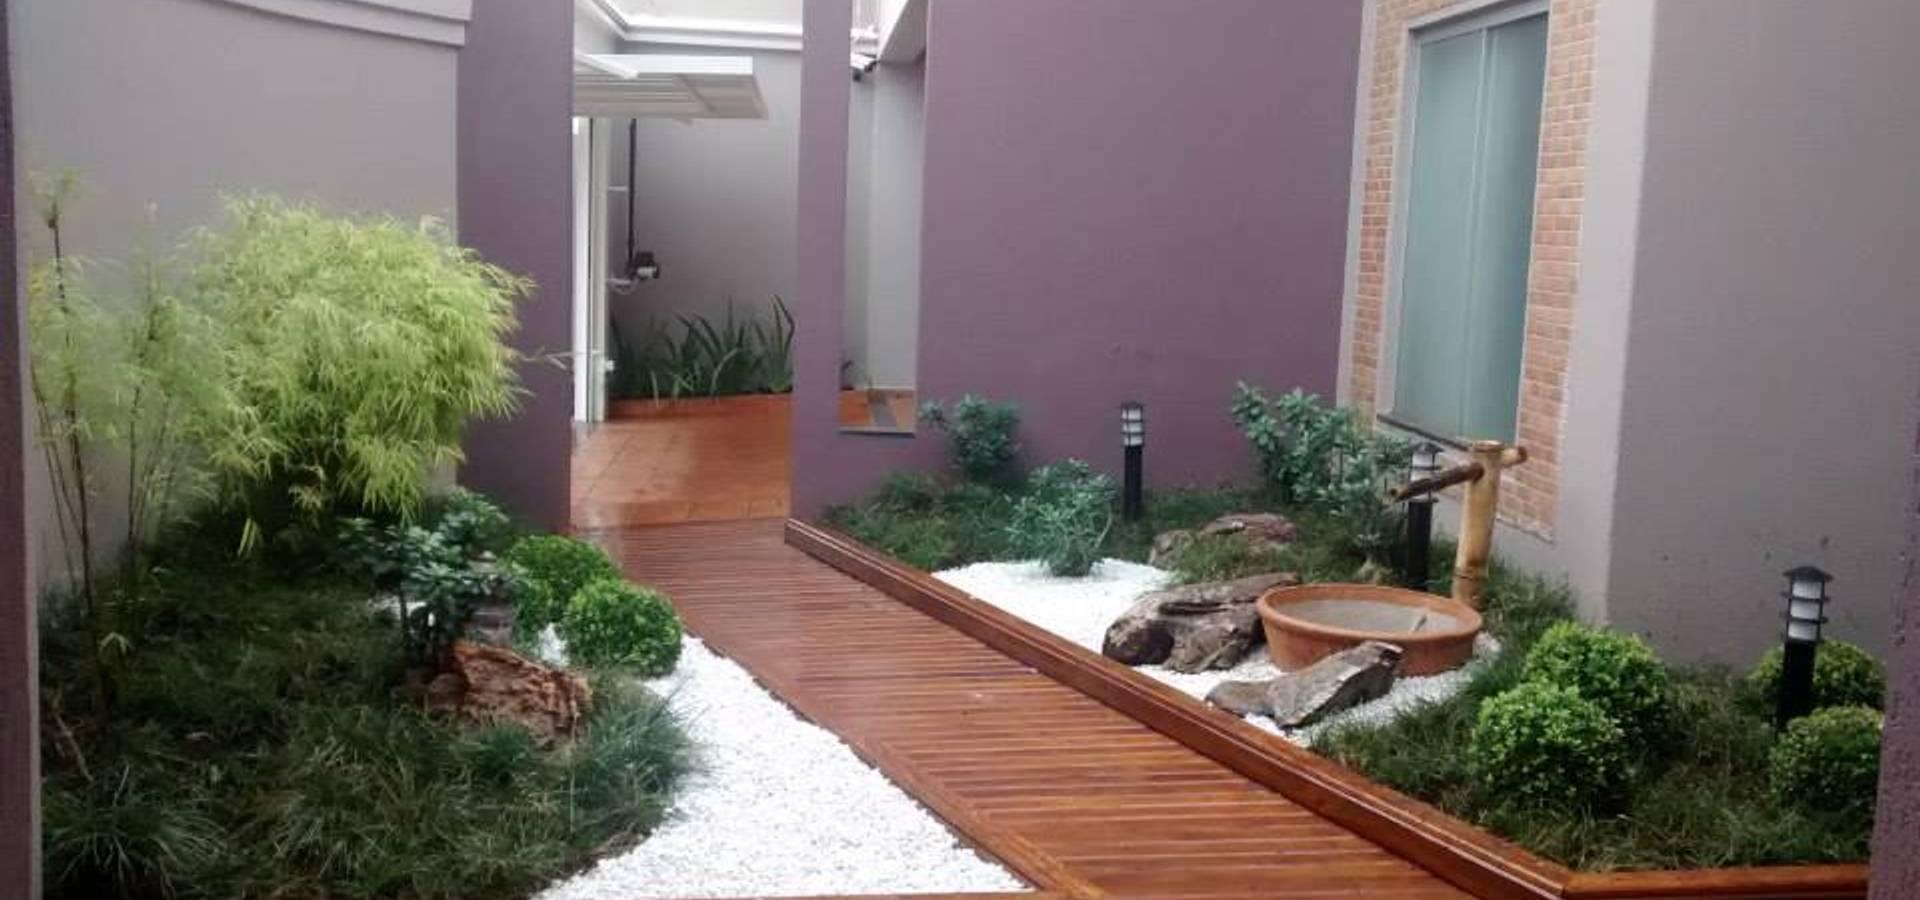 Borges Arquitetura & Paisagismo